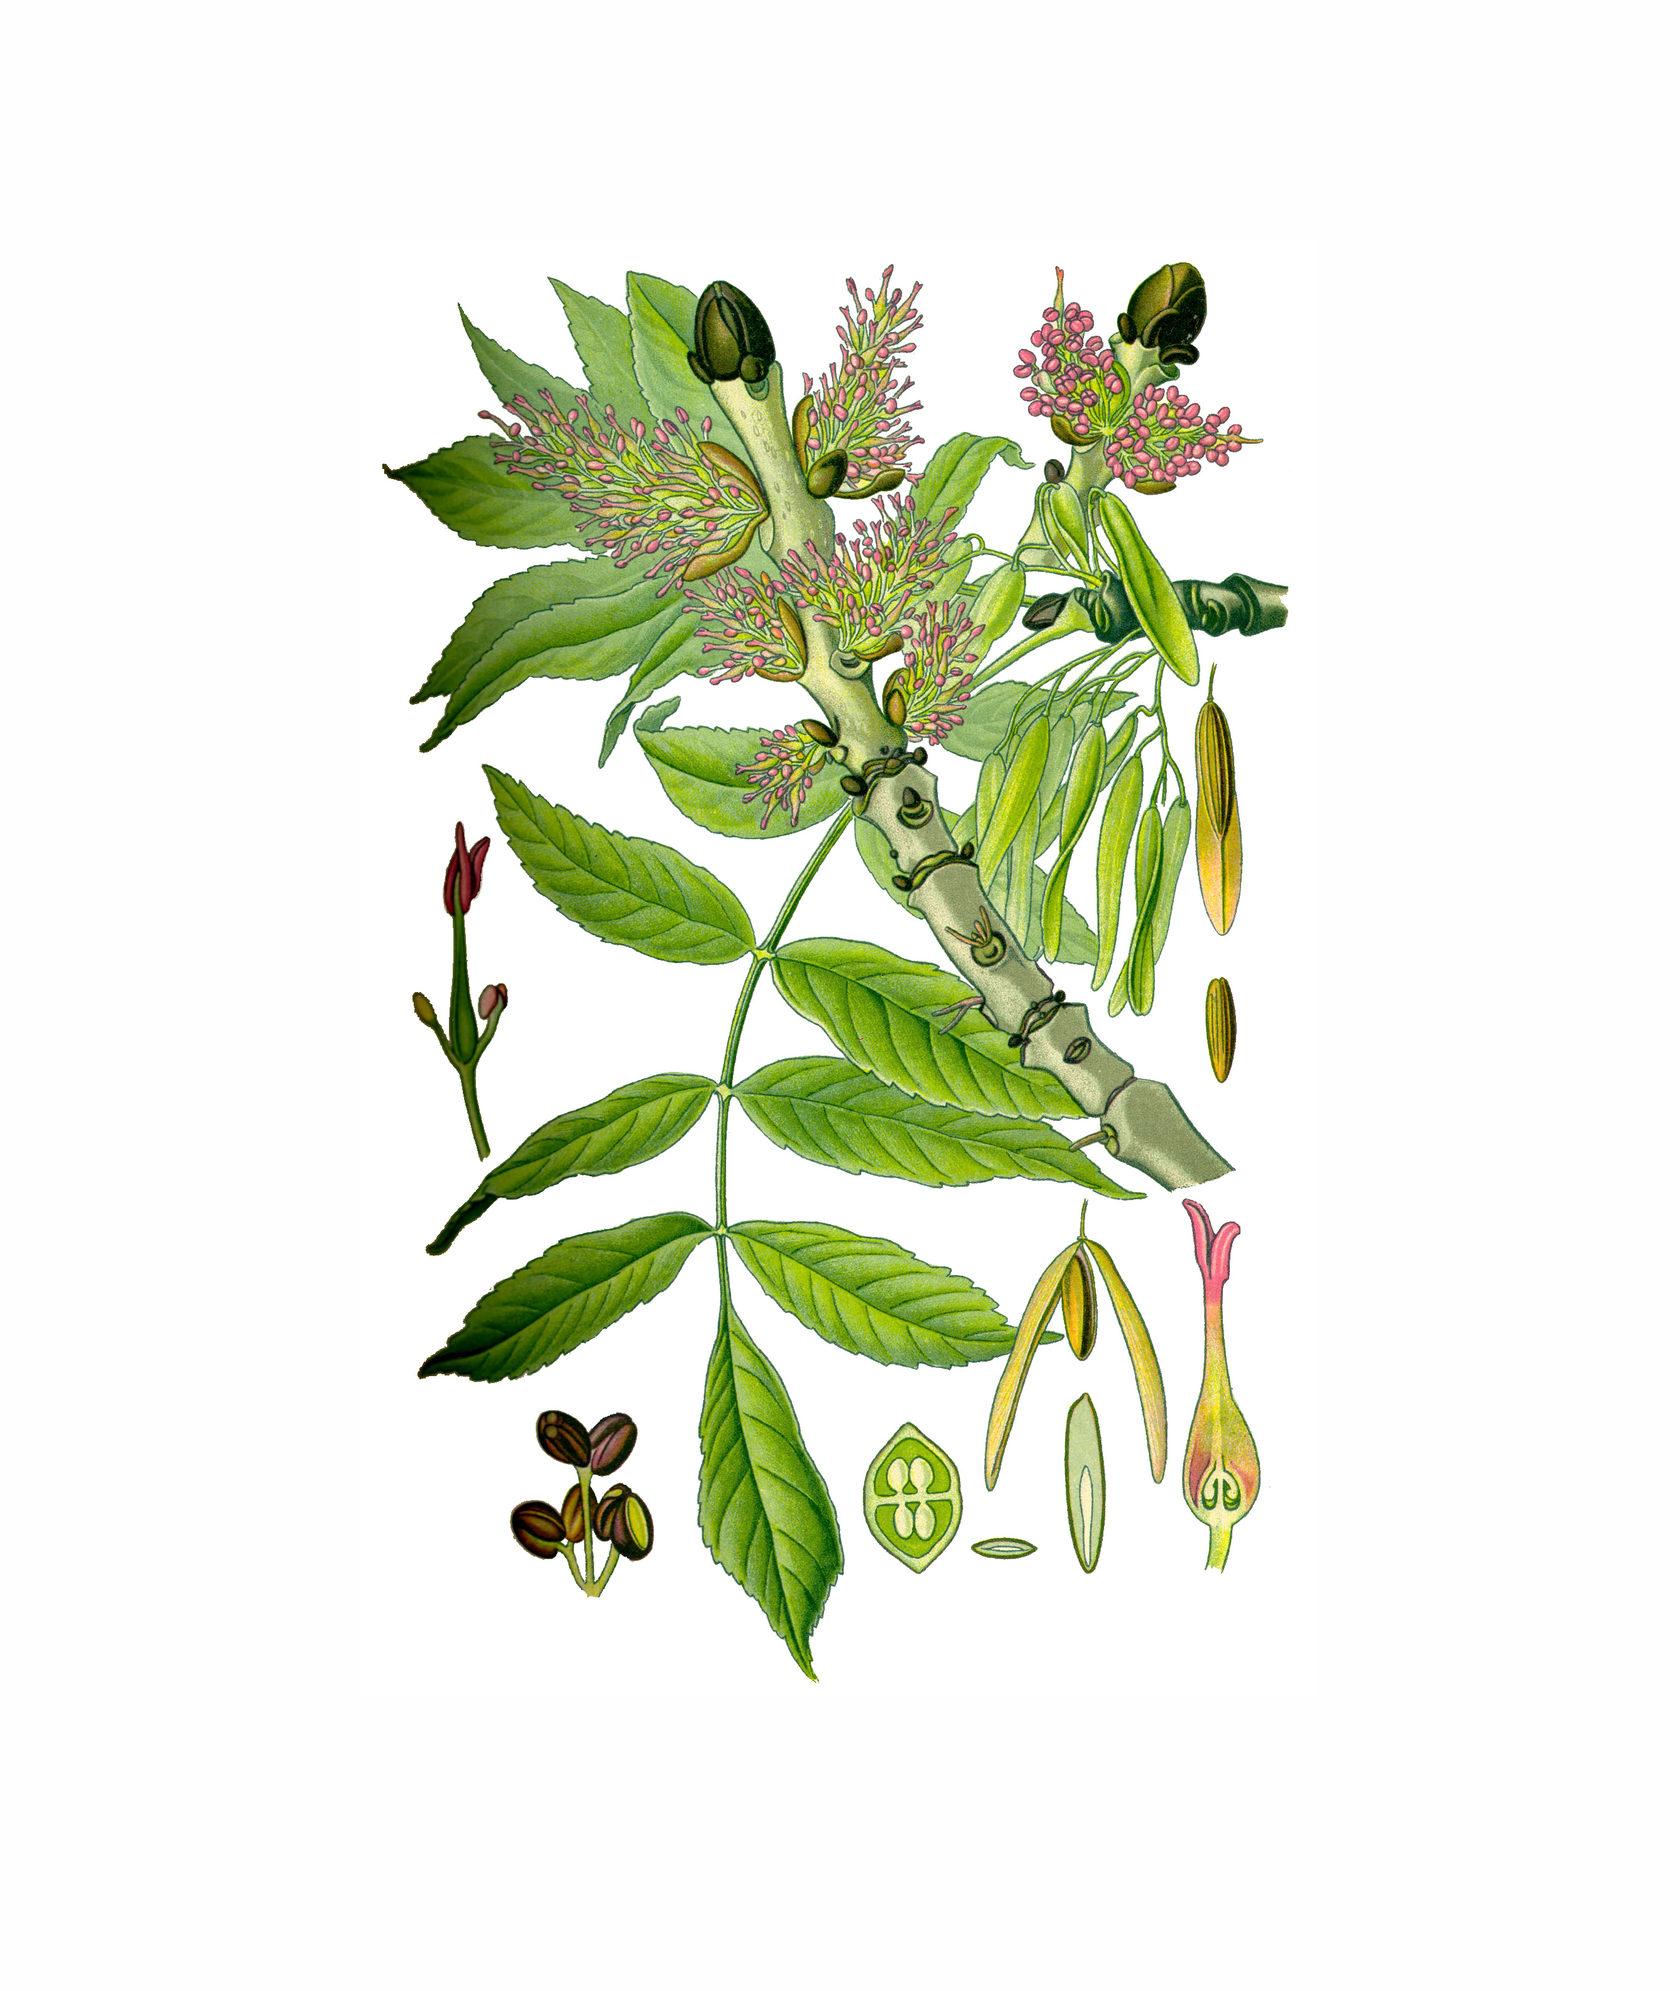 ясень с семенами картинки фотографом или художником